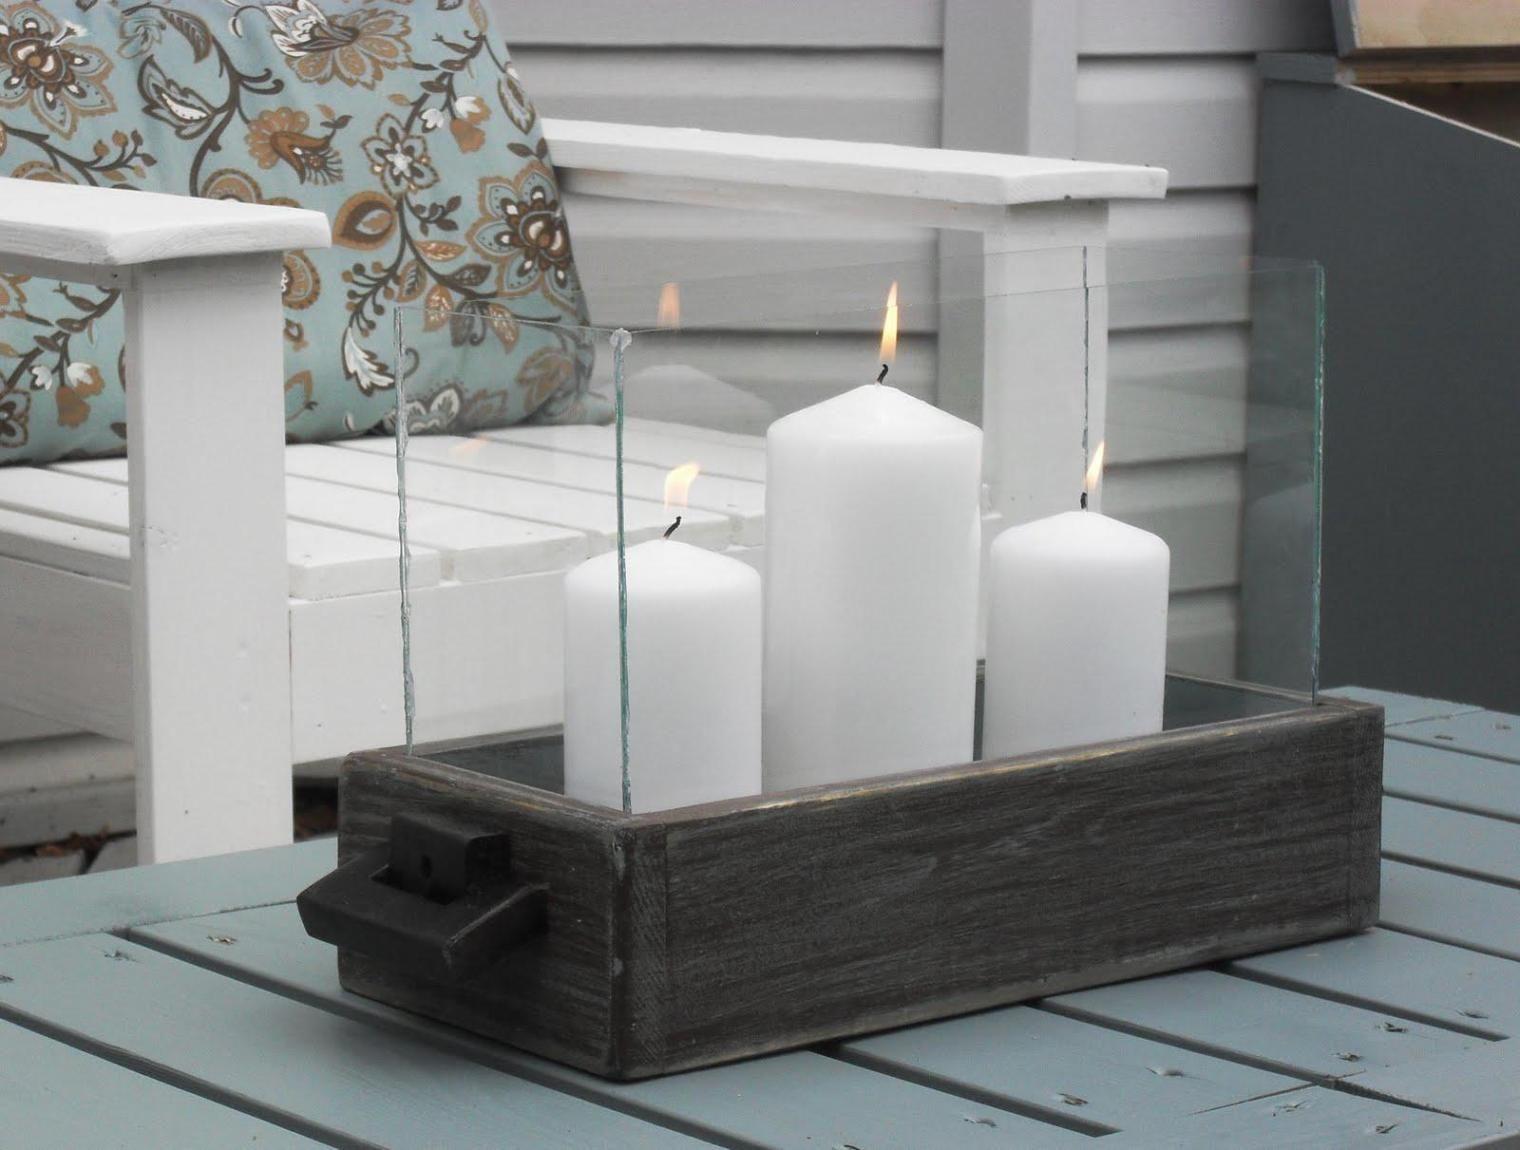 5. Lilin putih bangkitkan energi positif